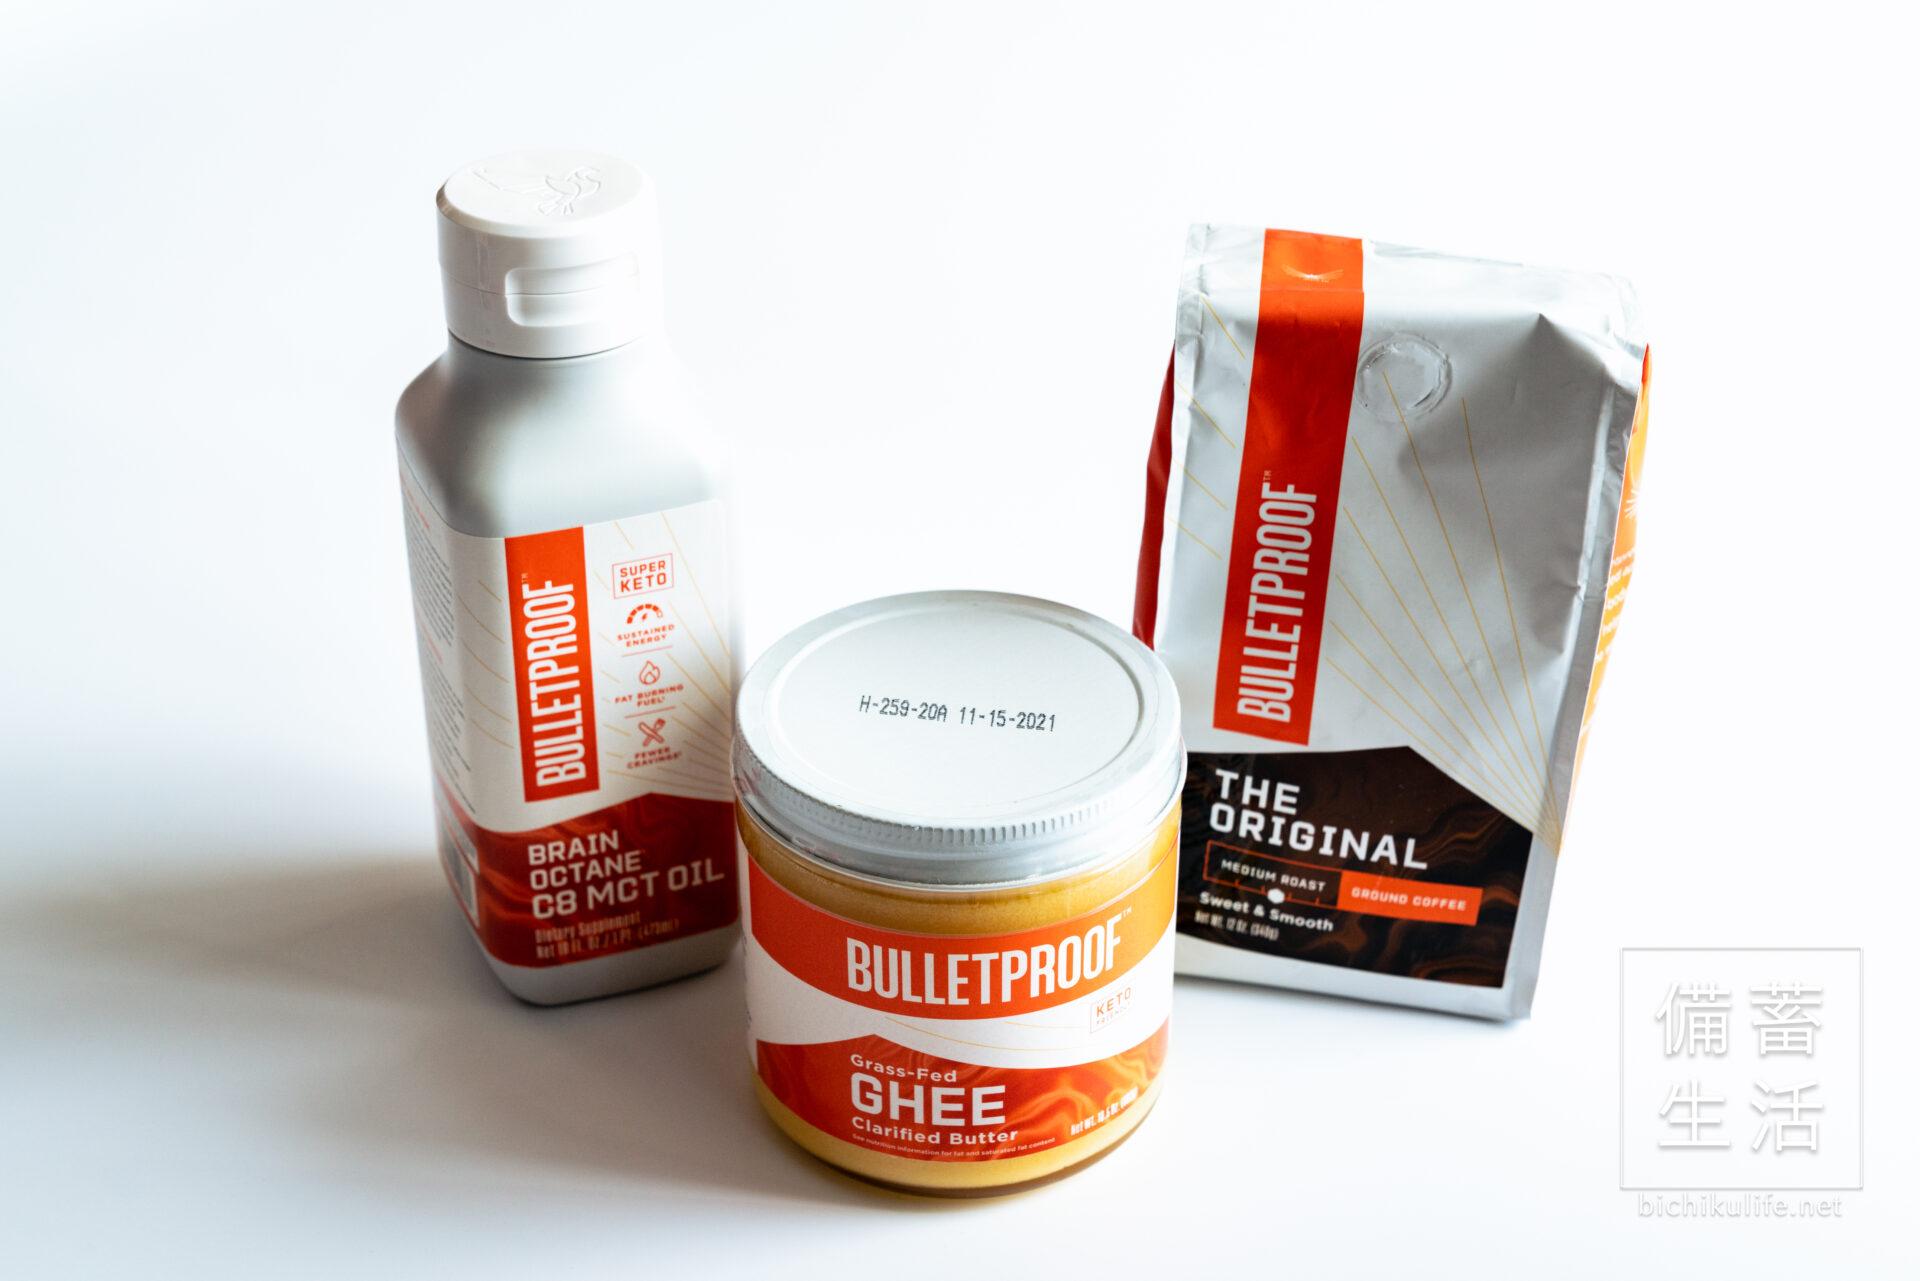 Bulletproof 完全無欠コーヒーのレシピ